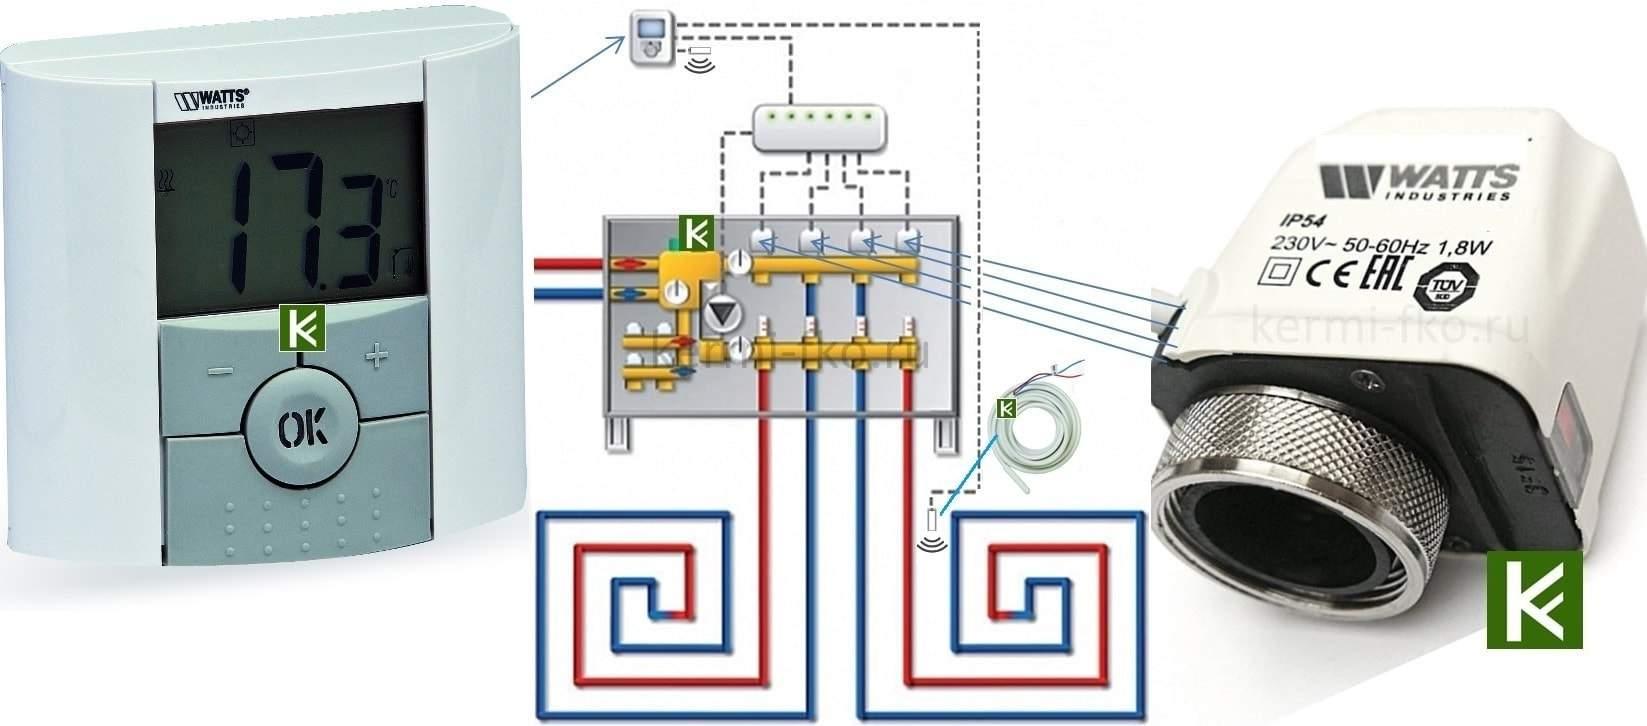 Обзор сервоприводов для коллектора водяного теплого пола